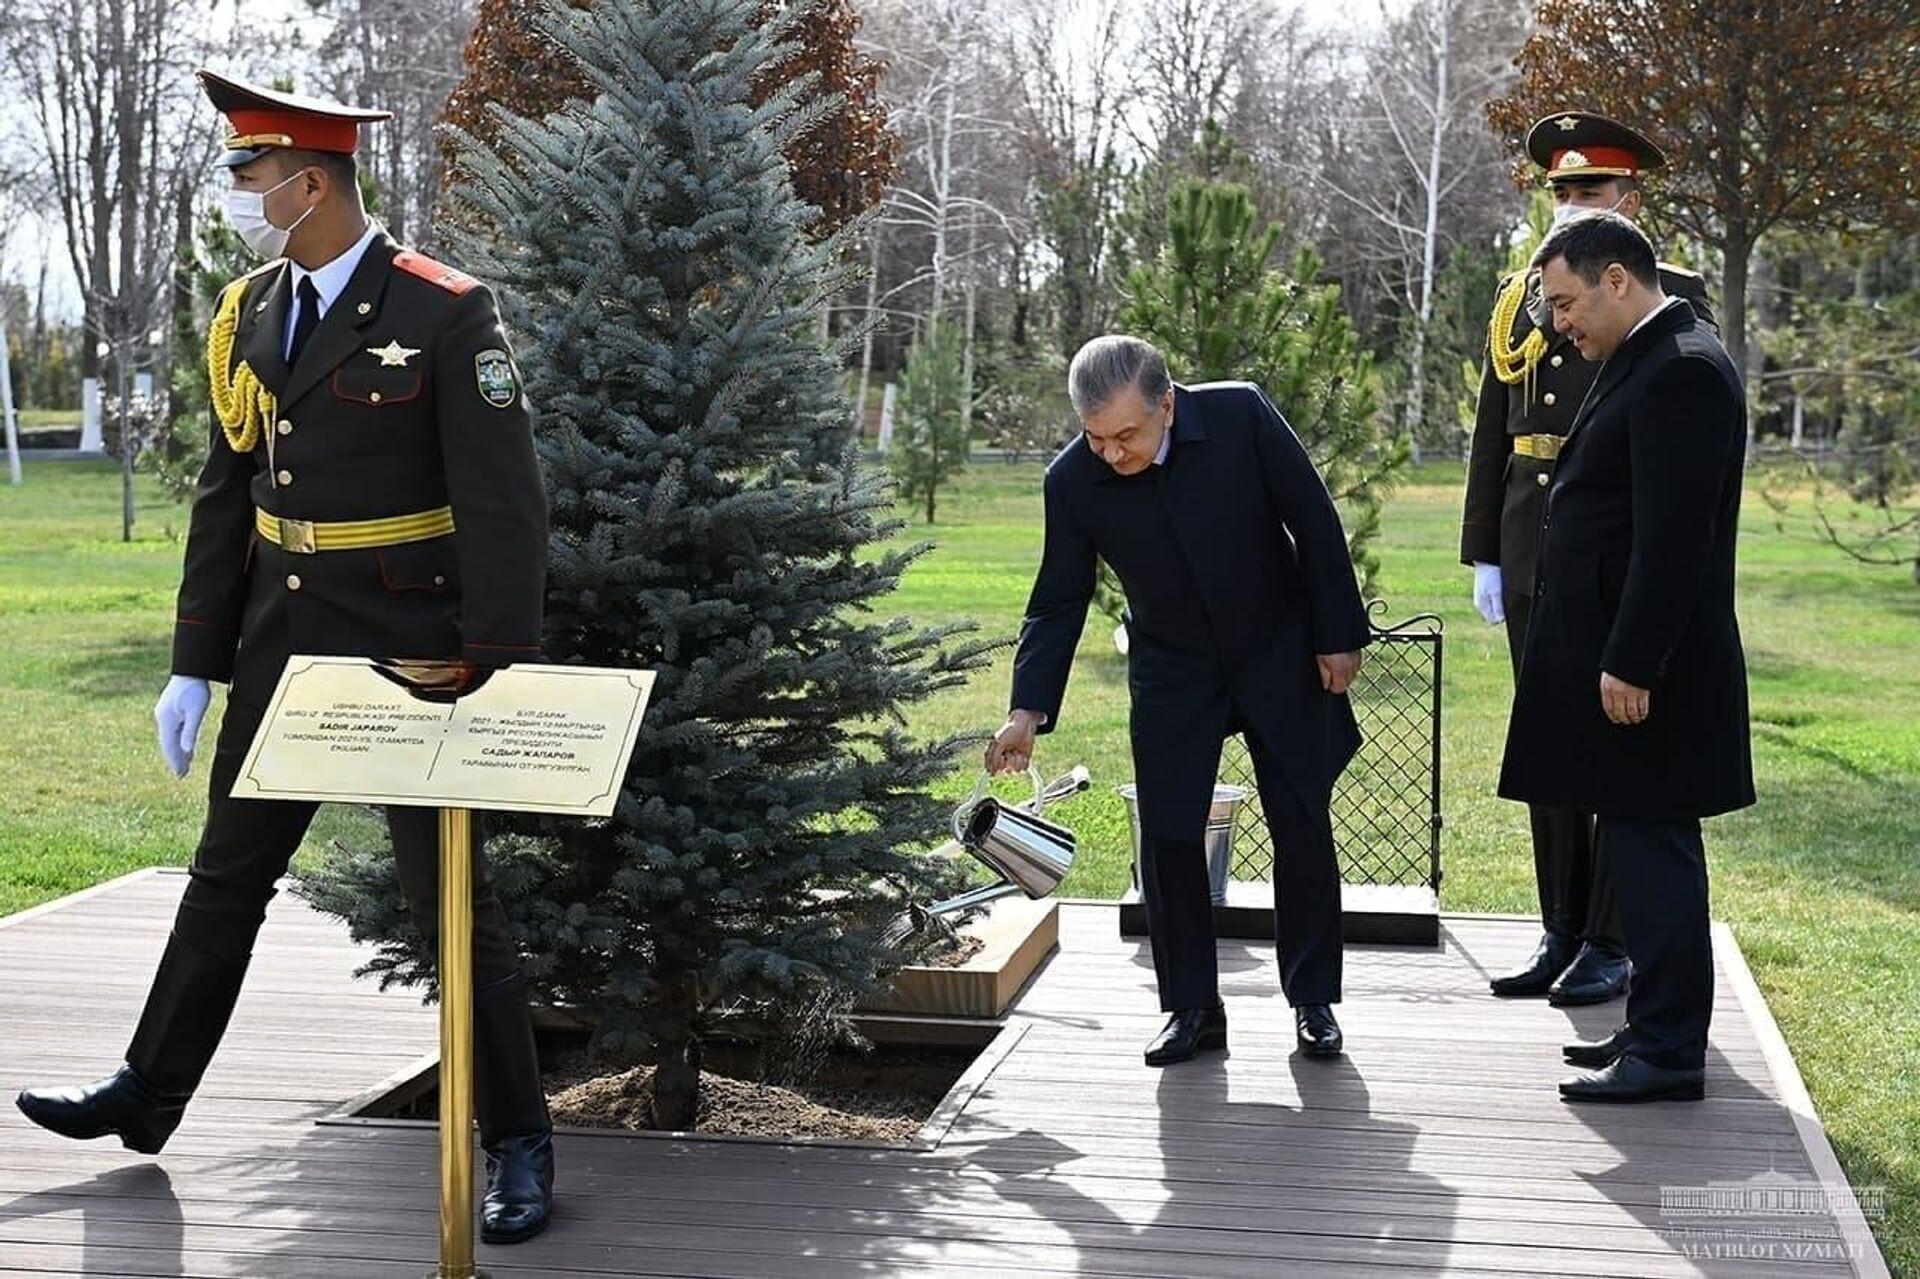 Шавкат Мирзиёев и Садыр Жапаров высадили дерево на Аллее почетных гостей в резиденции Куксарой - Sputnik Узбекистан, 1920, 12.03.2021